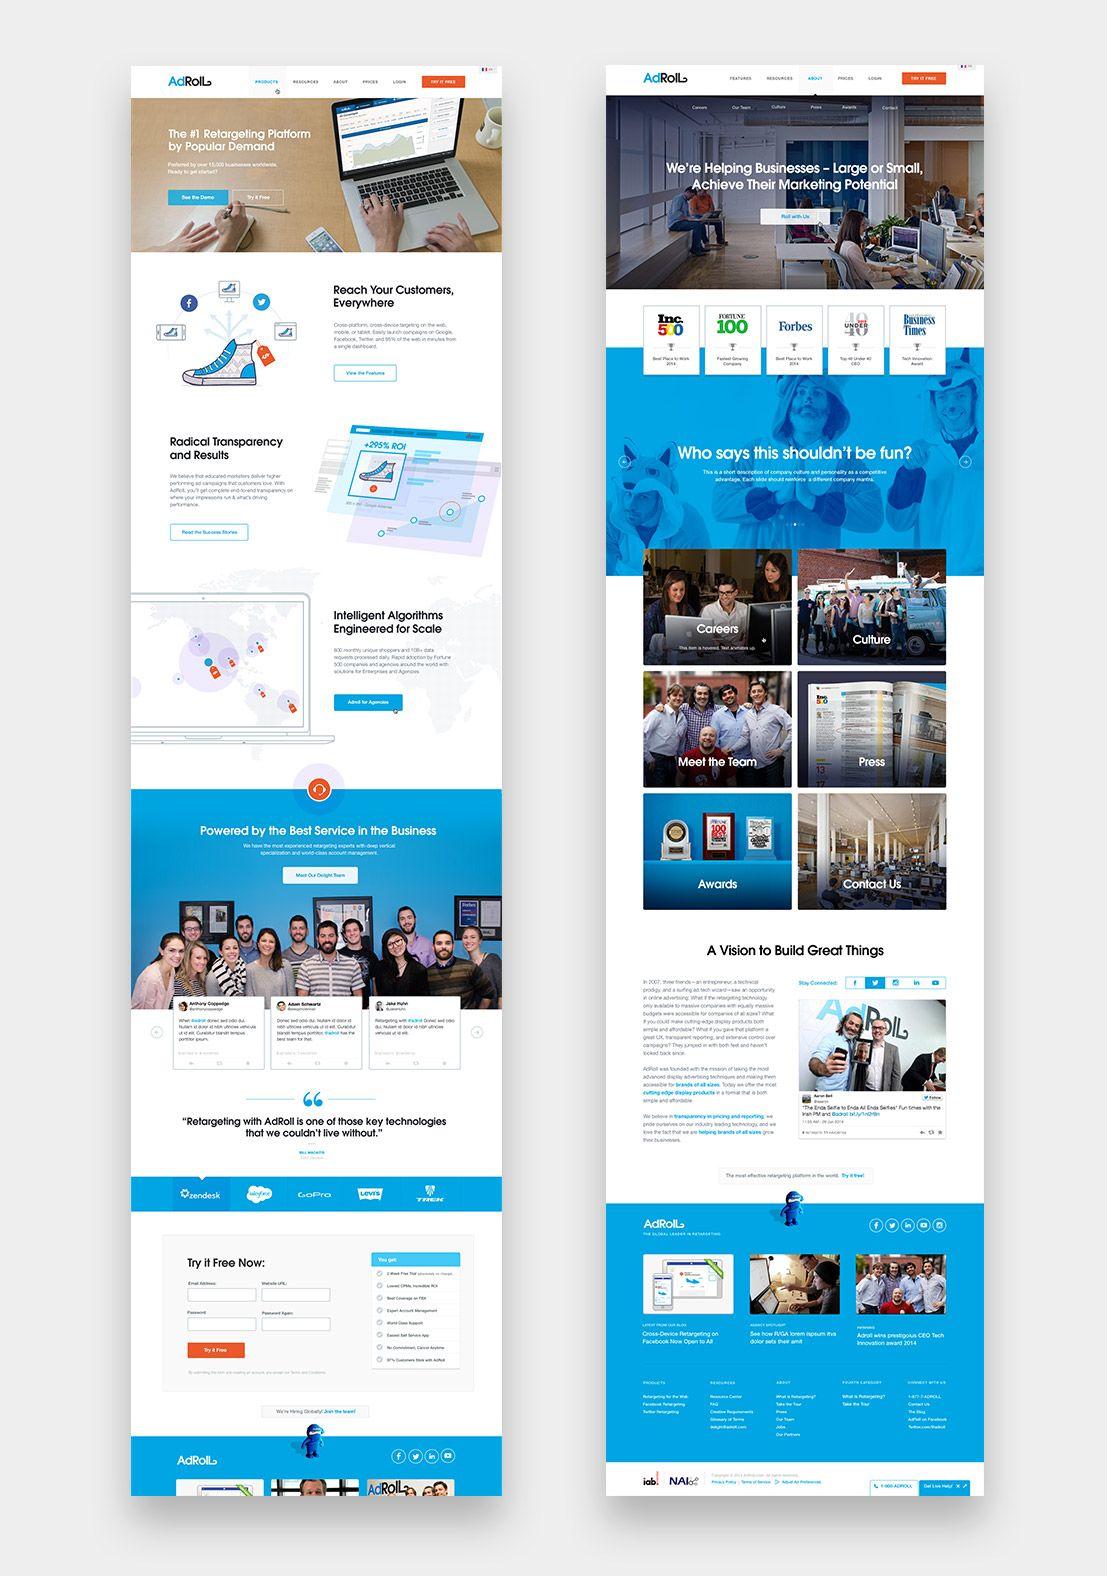 Adroll Image 4 Website Design Layout Web Design Websites Web Design